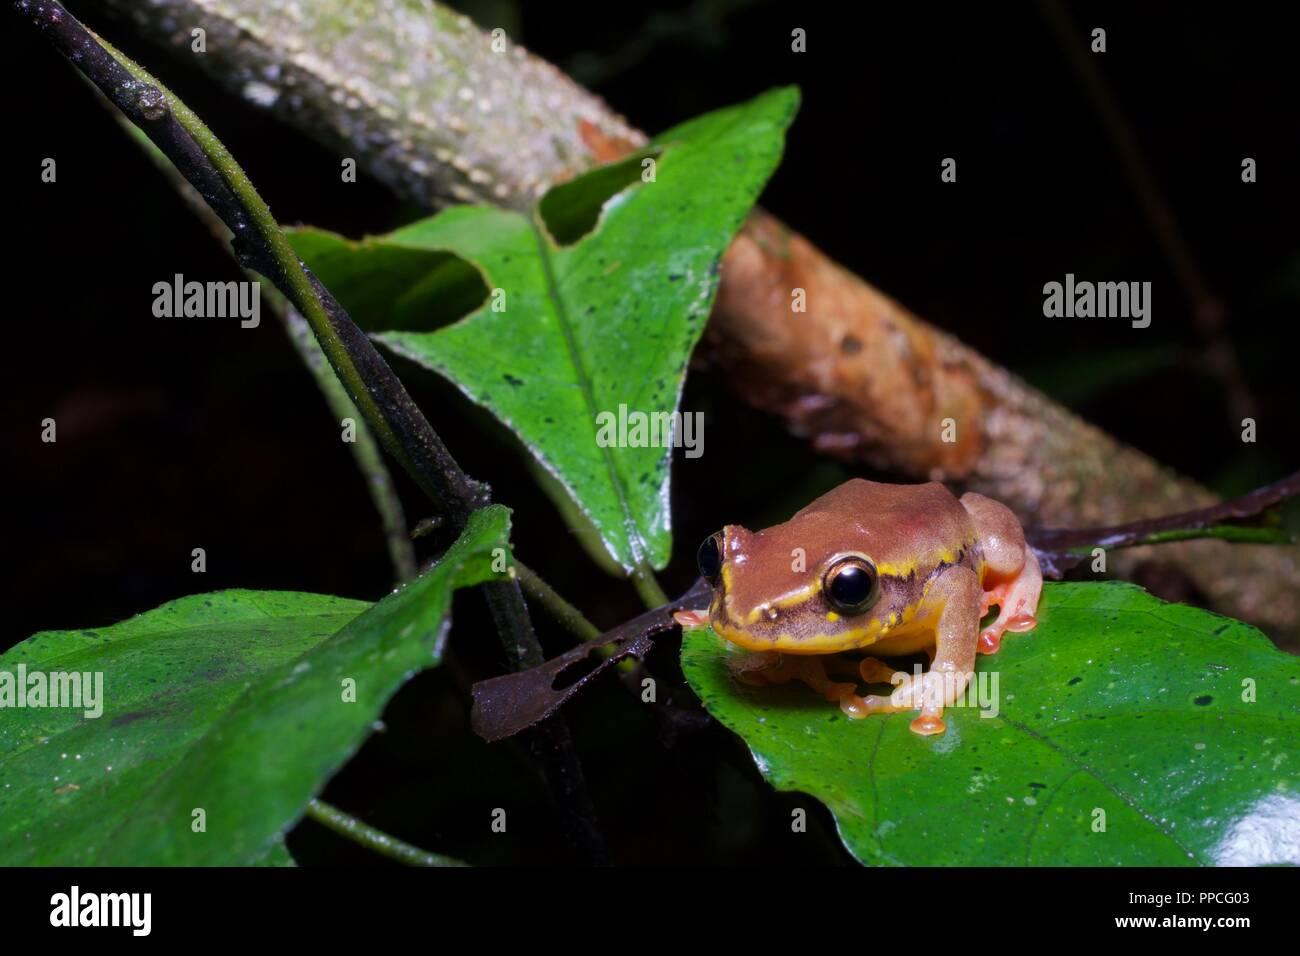 Una variabile Montane Rana Reed (Hyperolius picturatus) nella vegetazione di notte nella gamma Atewa riserva forestale, Ghana, Africa occidentale Immagini Stock